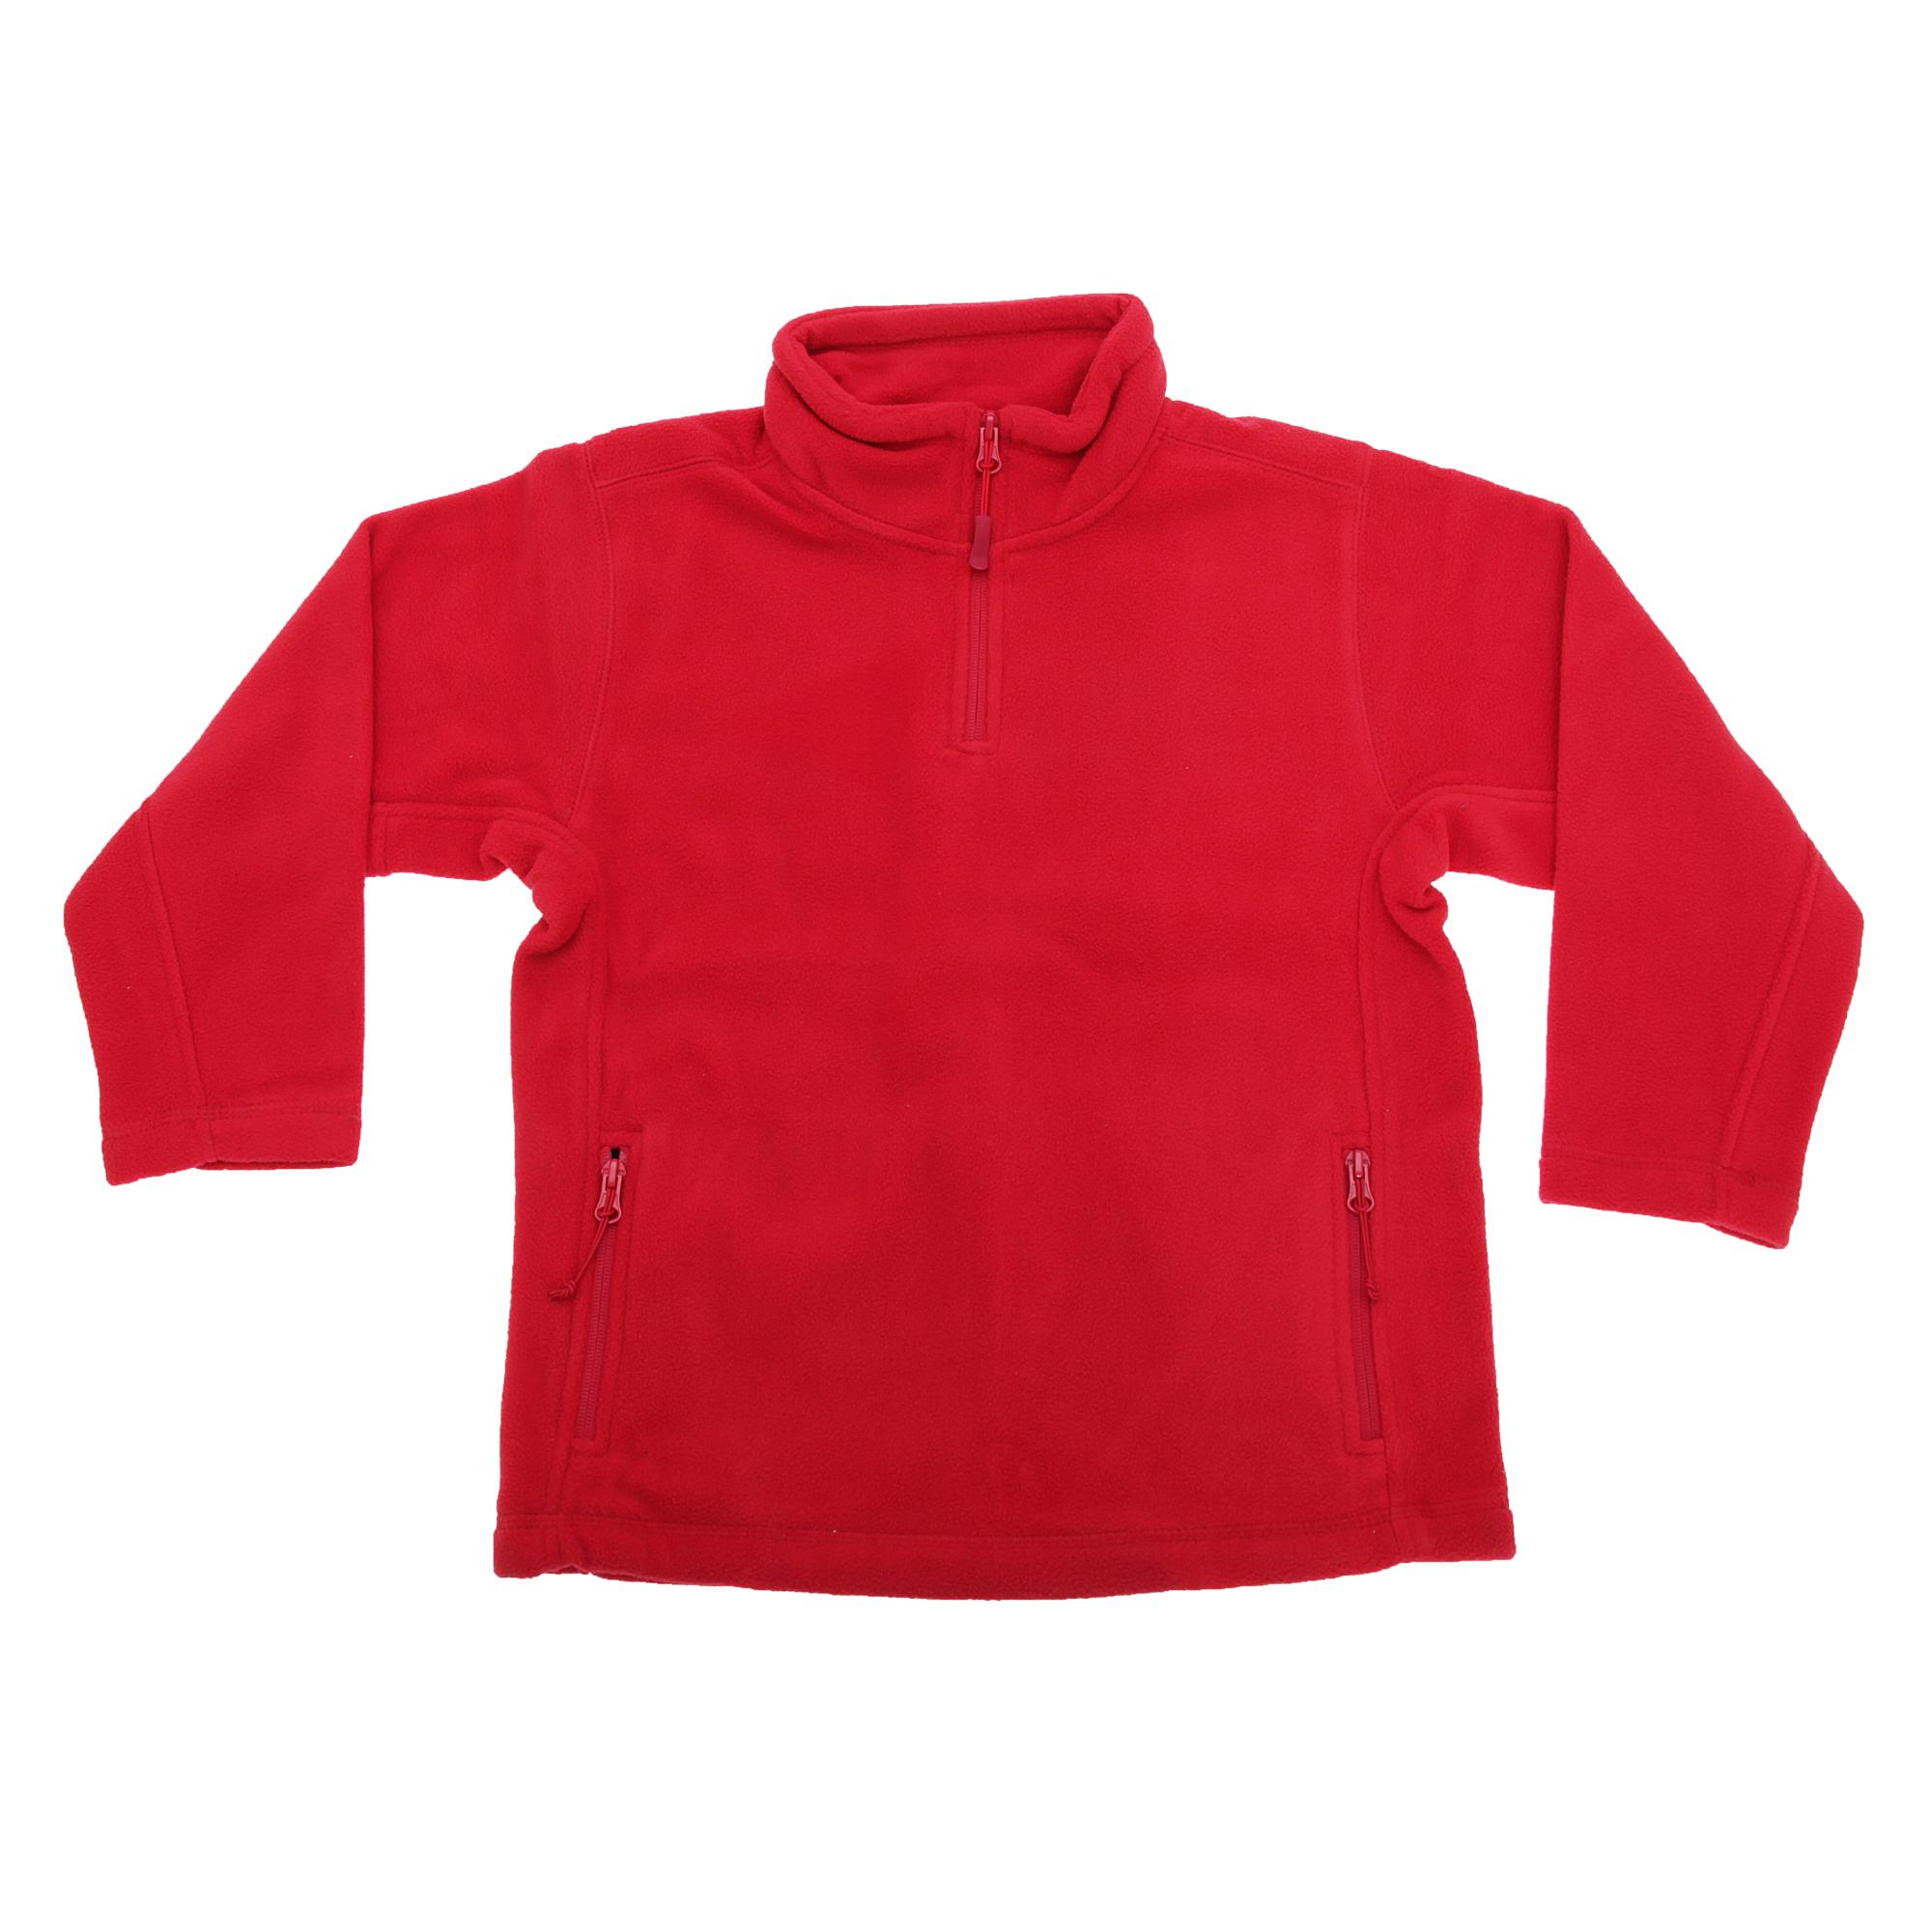 Jerzees-Schoolgear-Childrens-Kids-Unisex-1-4-Zip-Outdoor-Fleece-Top-BC1437